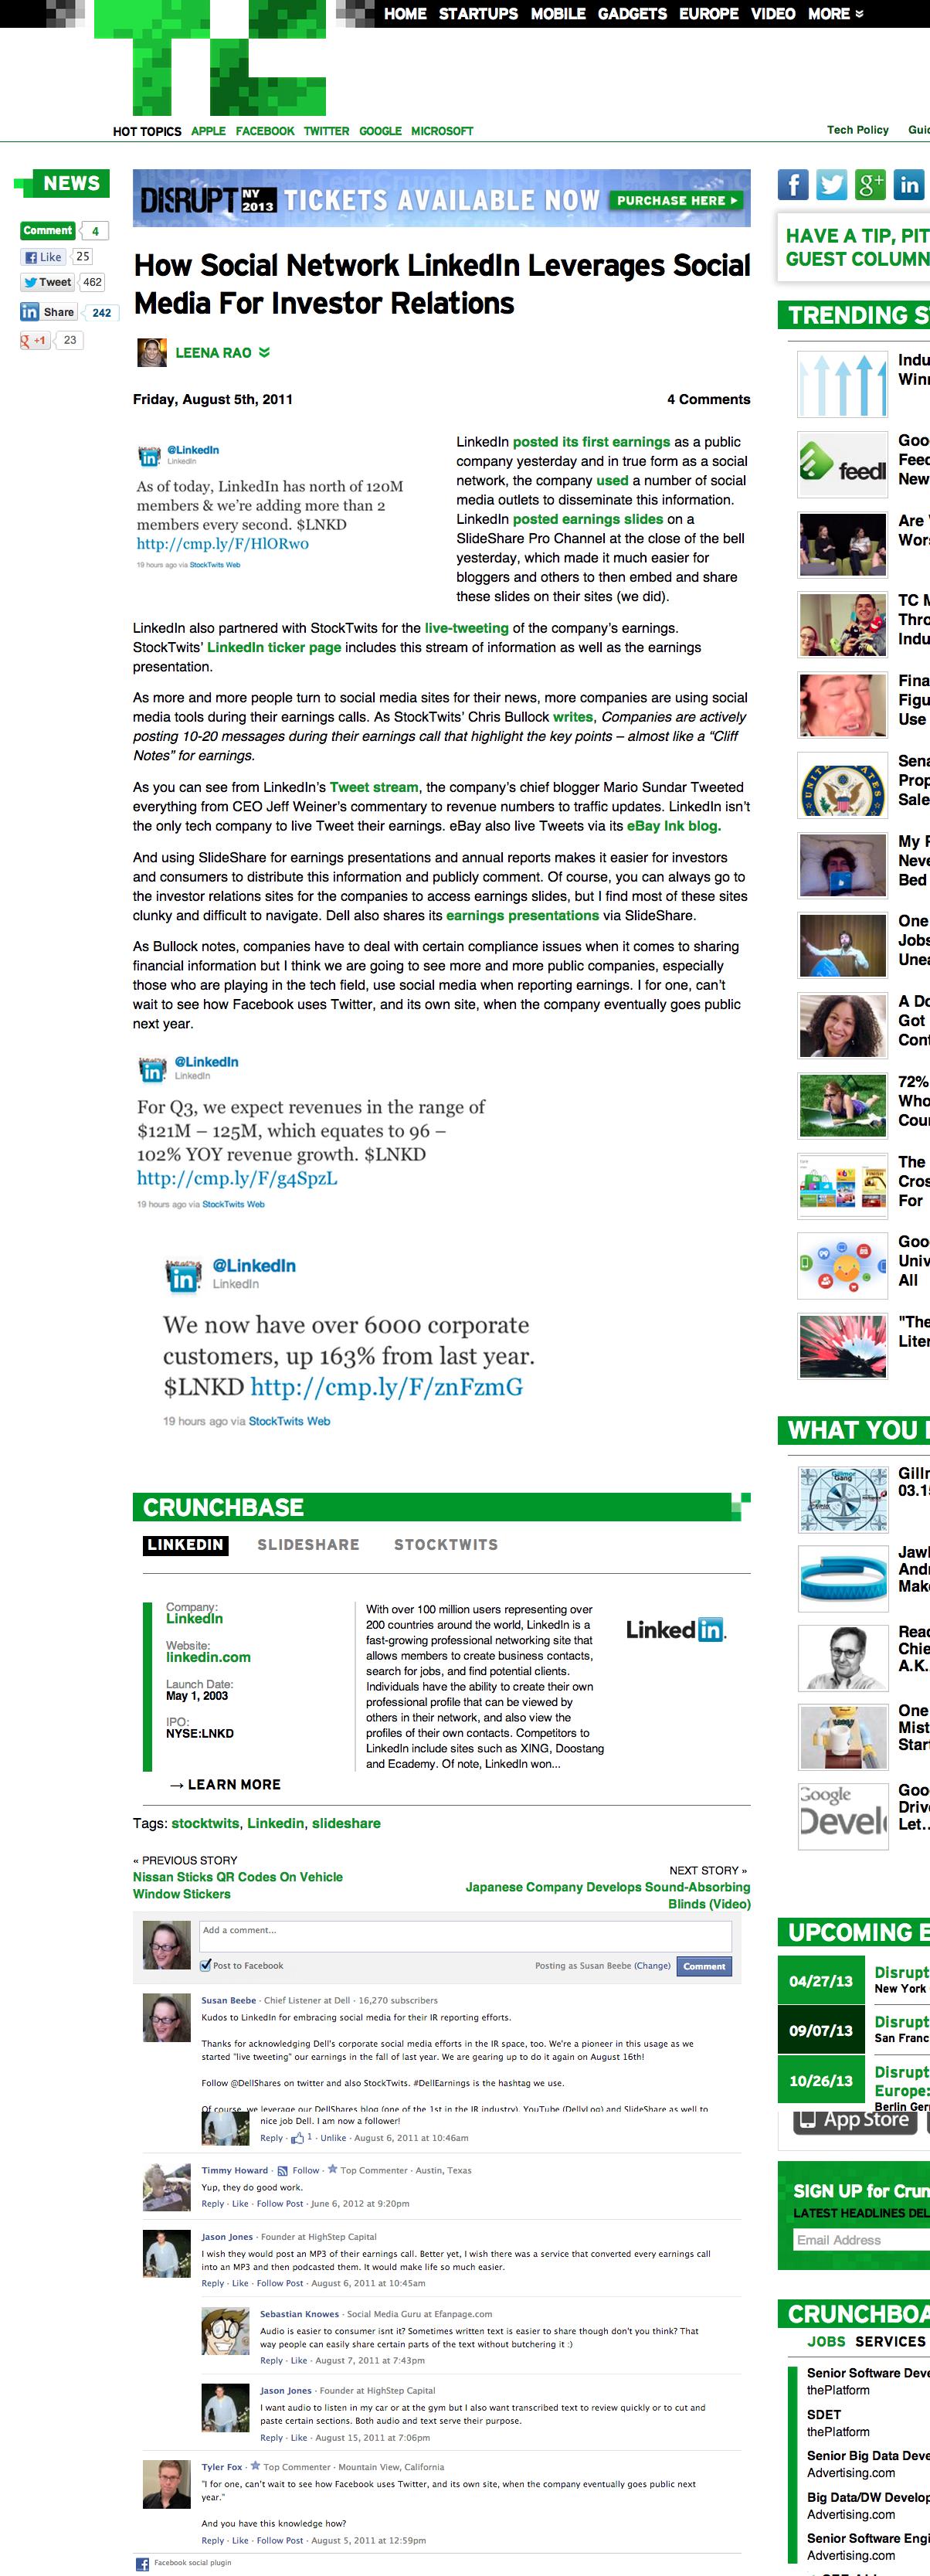 TechCrunch mention of Dell social media for investor relations / slideshare.